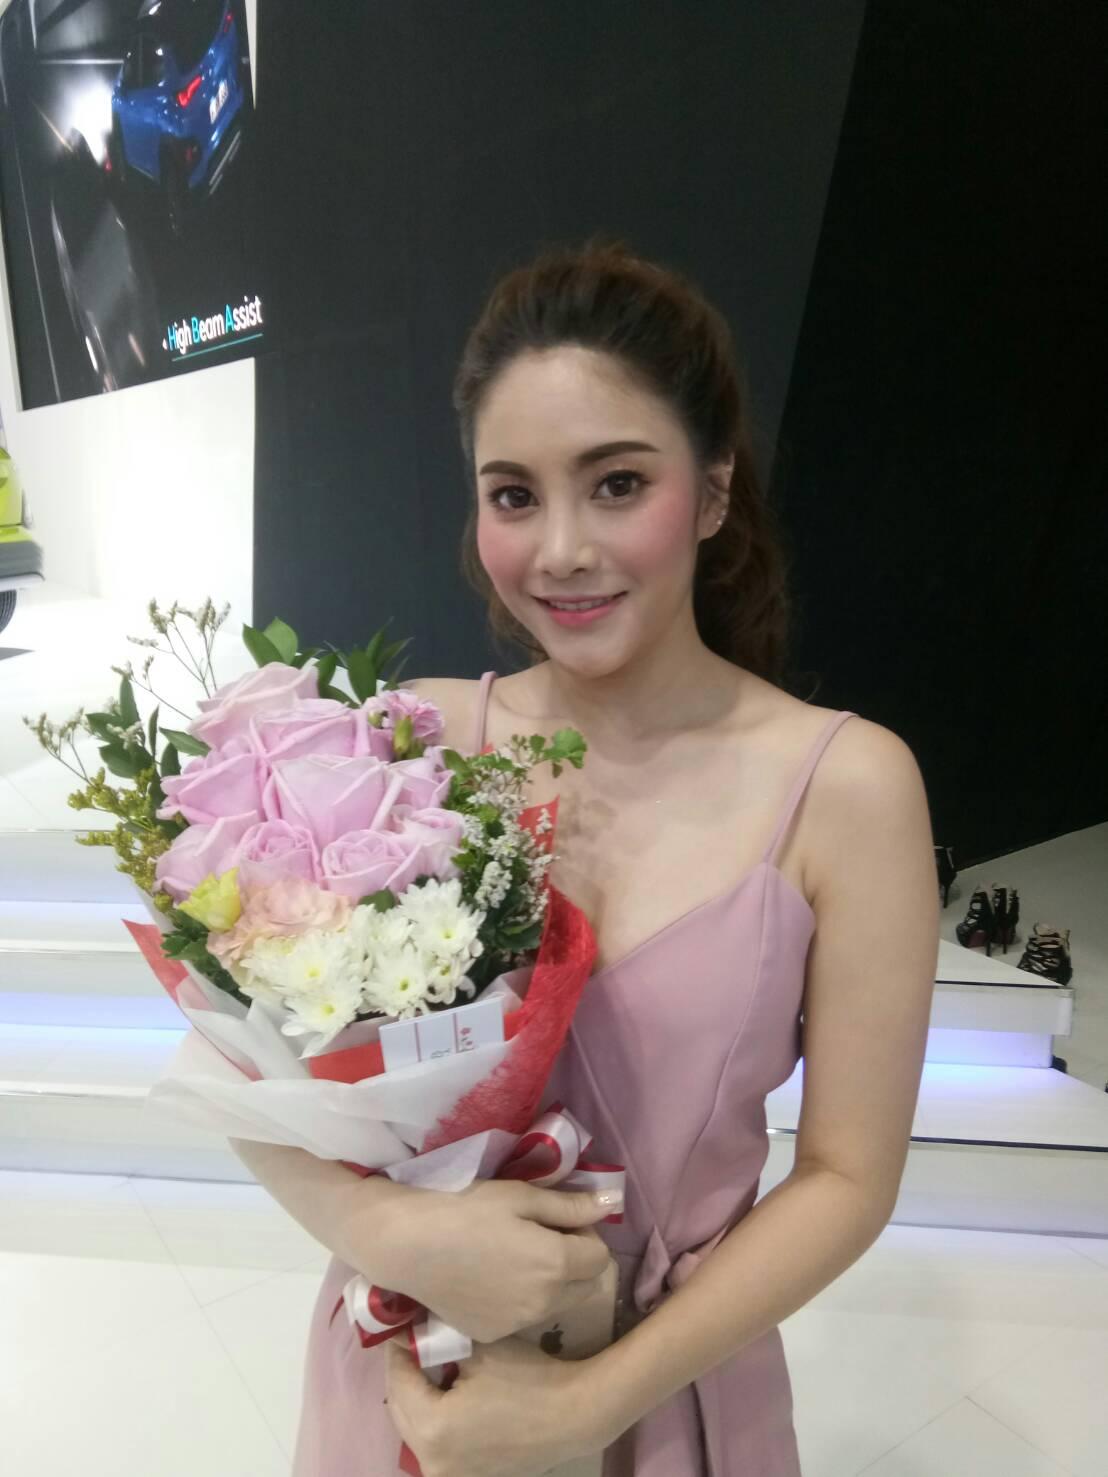 ช่อดอกกุหลาบสีชมพู แซมด้วยดอกมัมและดอกยิปโซ